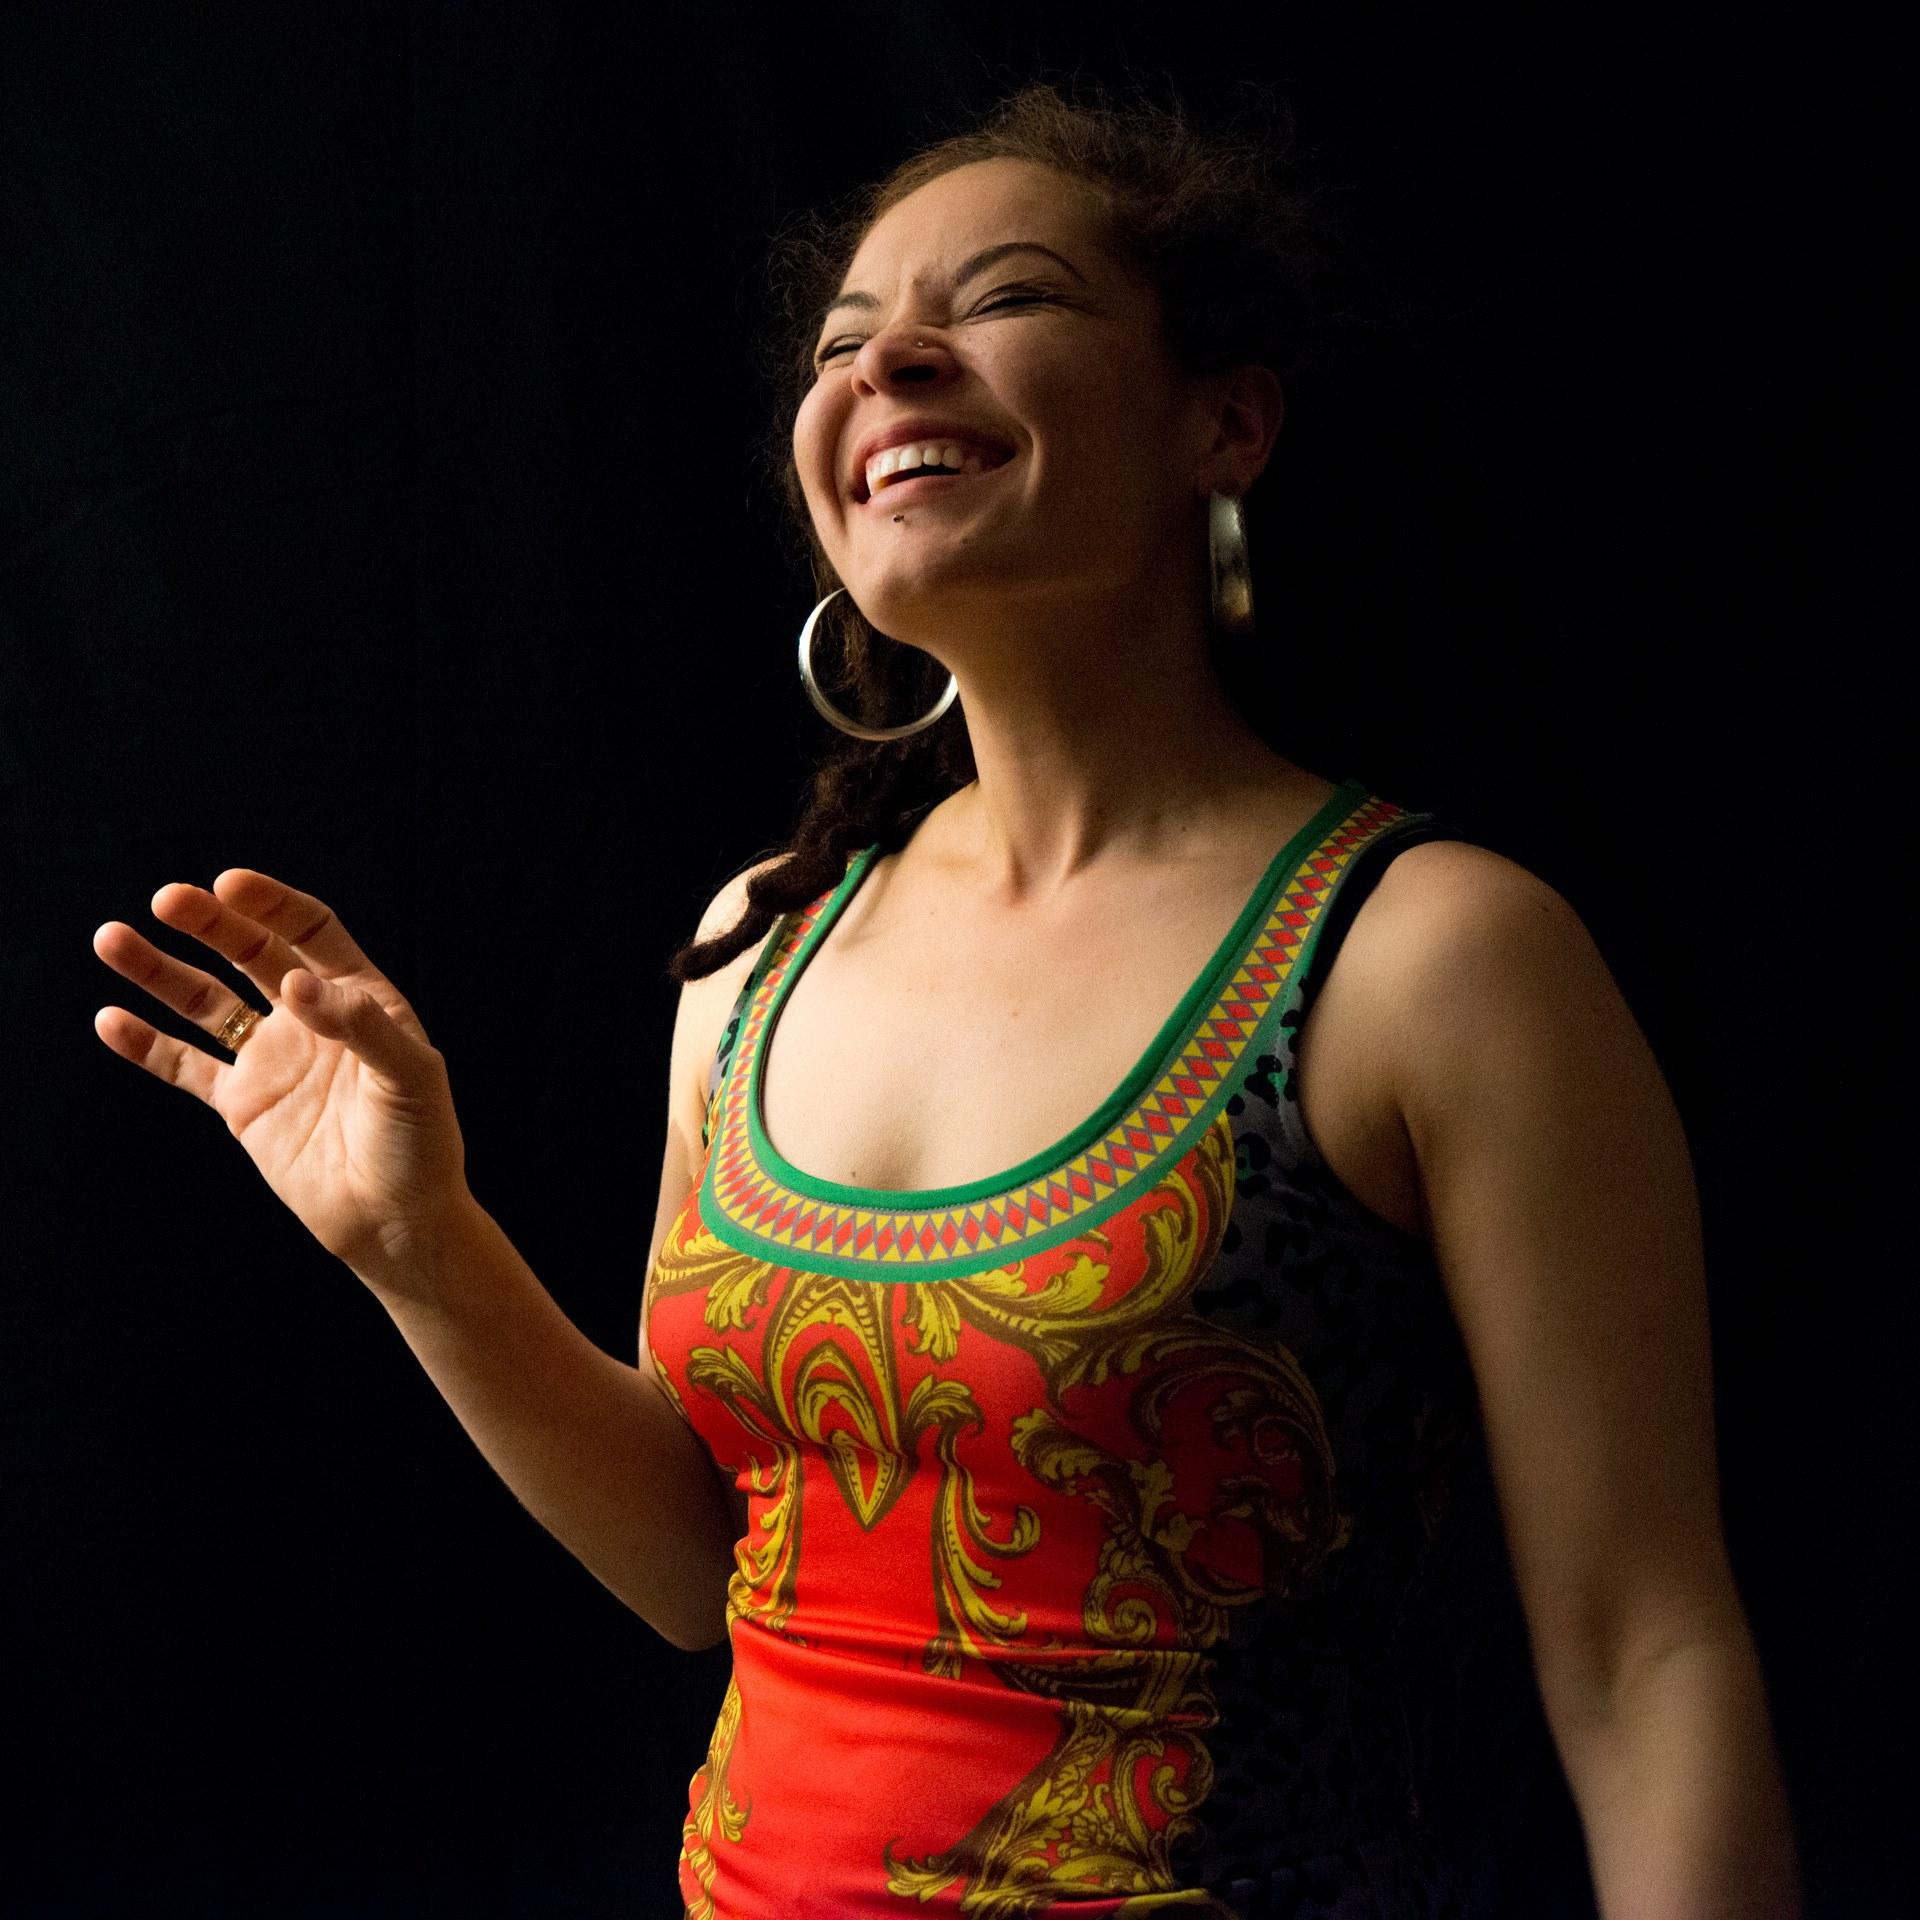 Gina Laughing